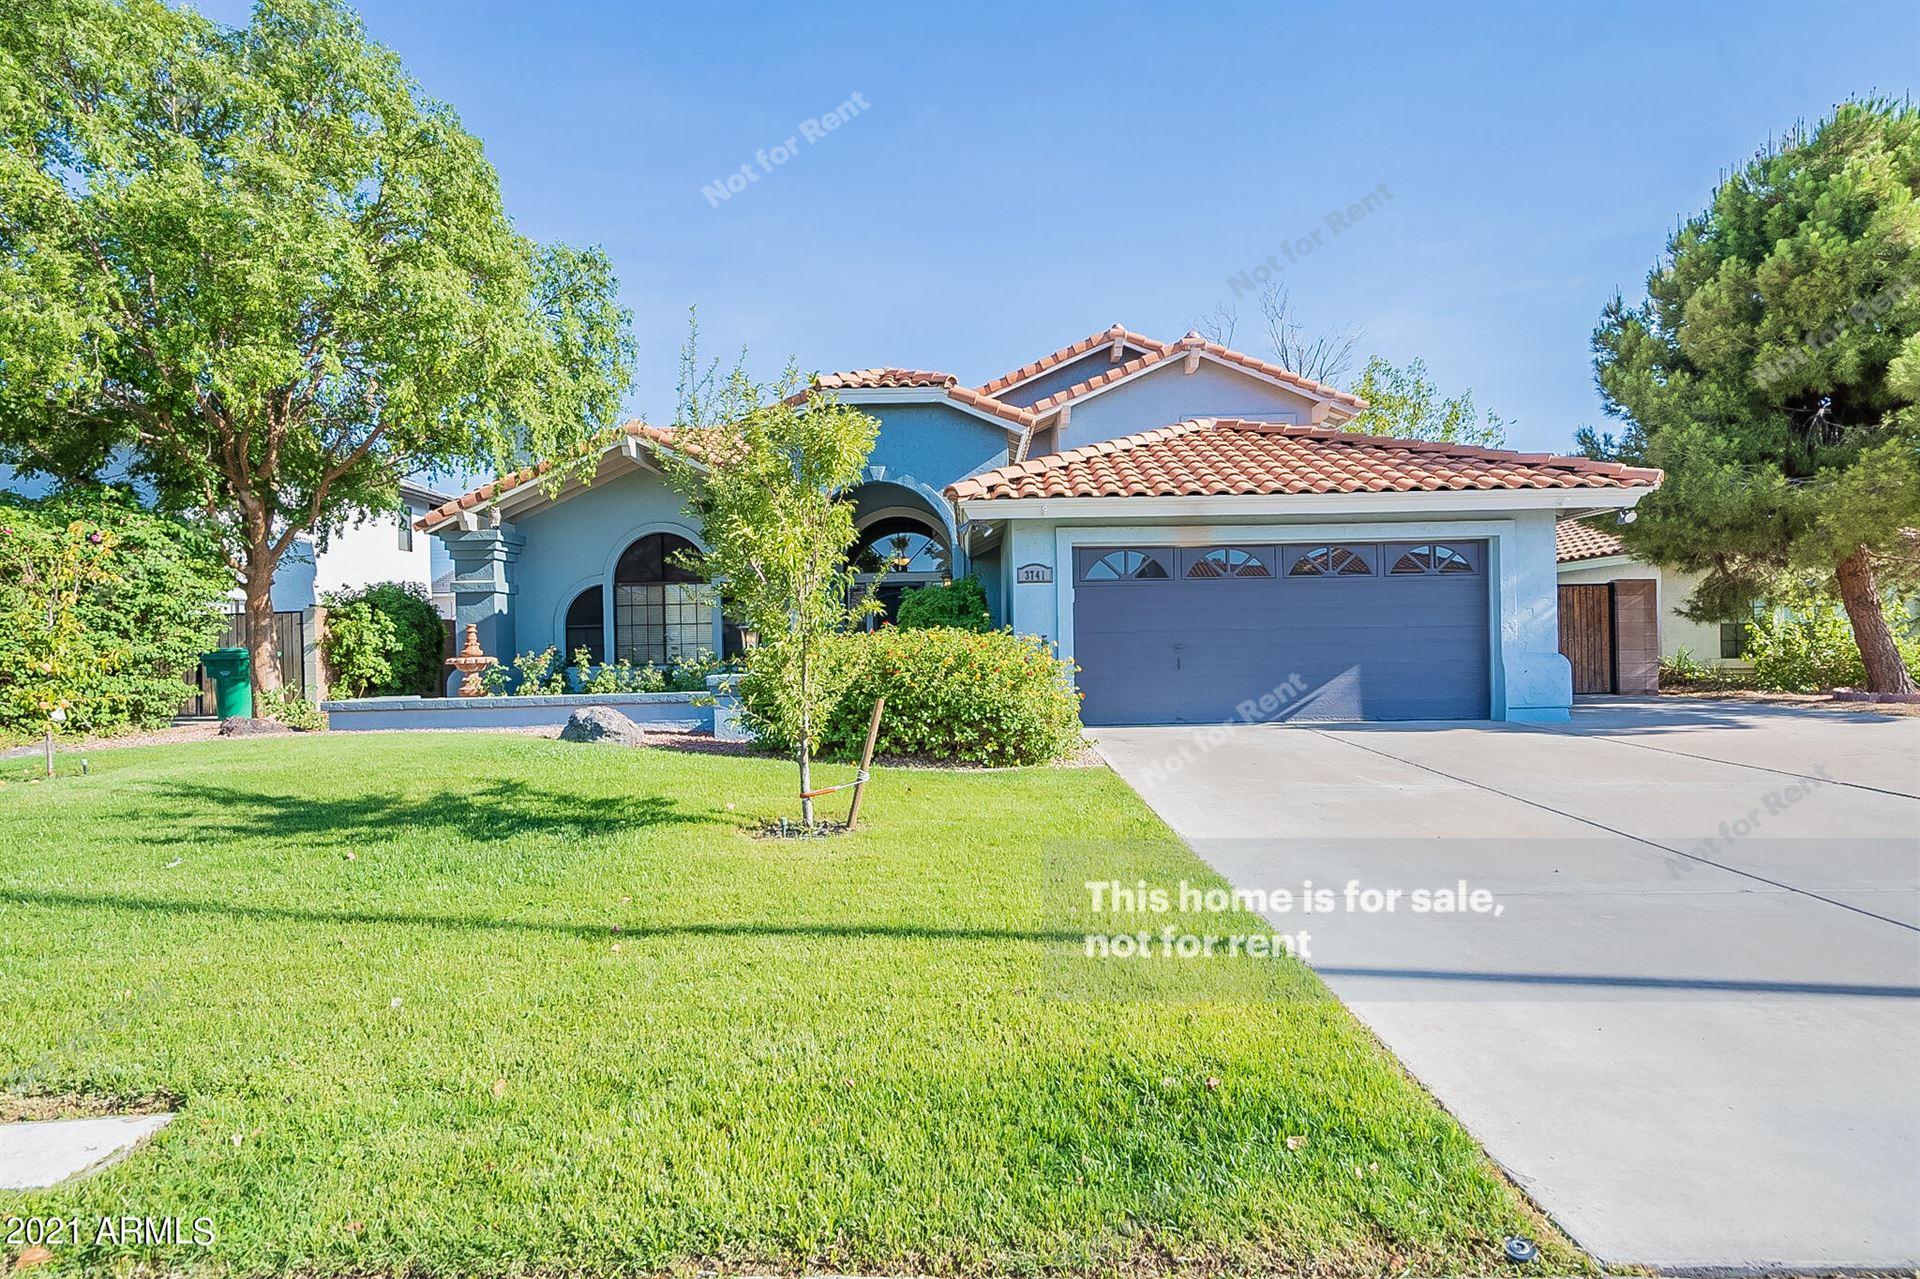 3741 E DOVER Street, Mesa, AZ 85205 - MLS#: 6262002